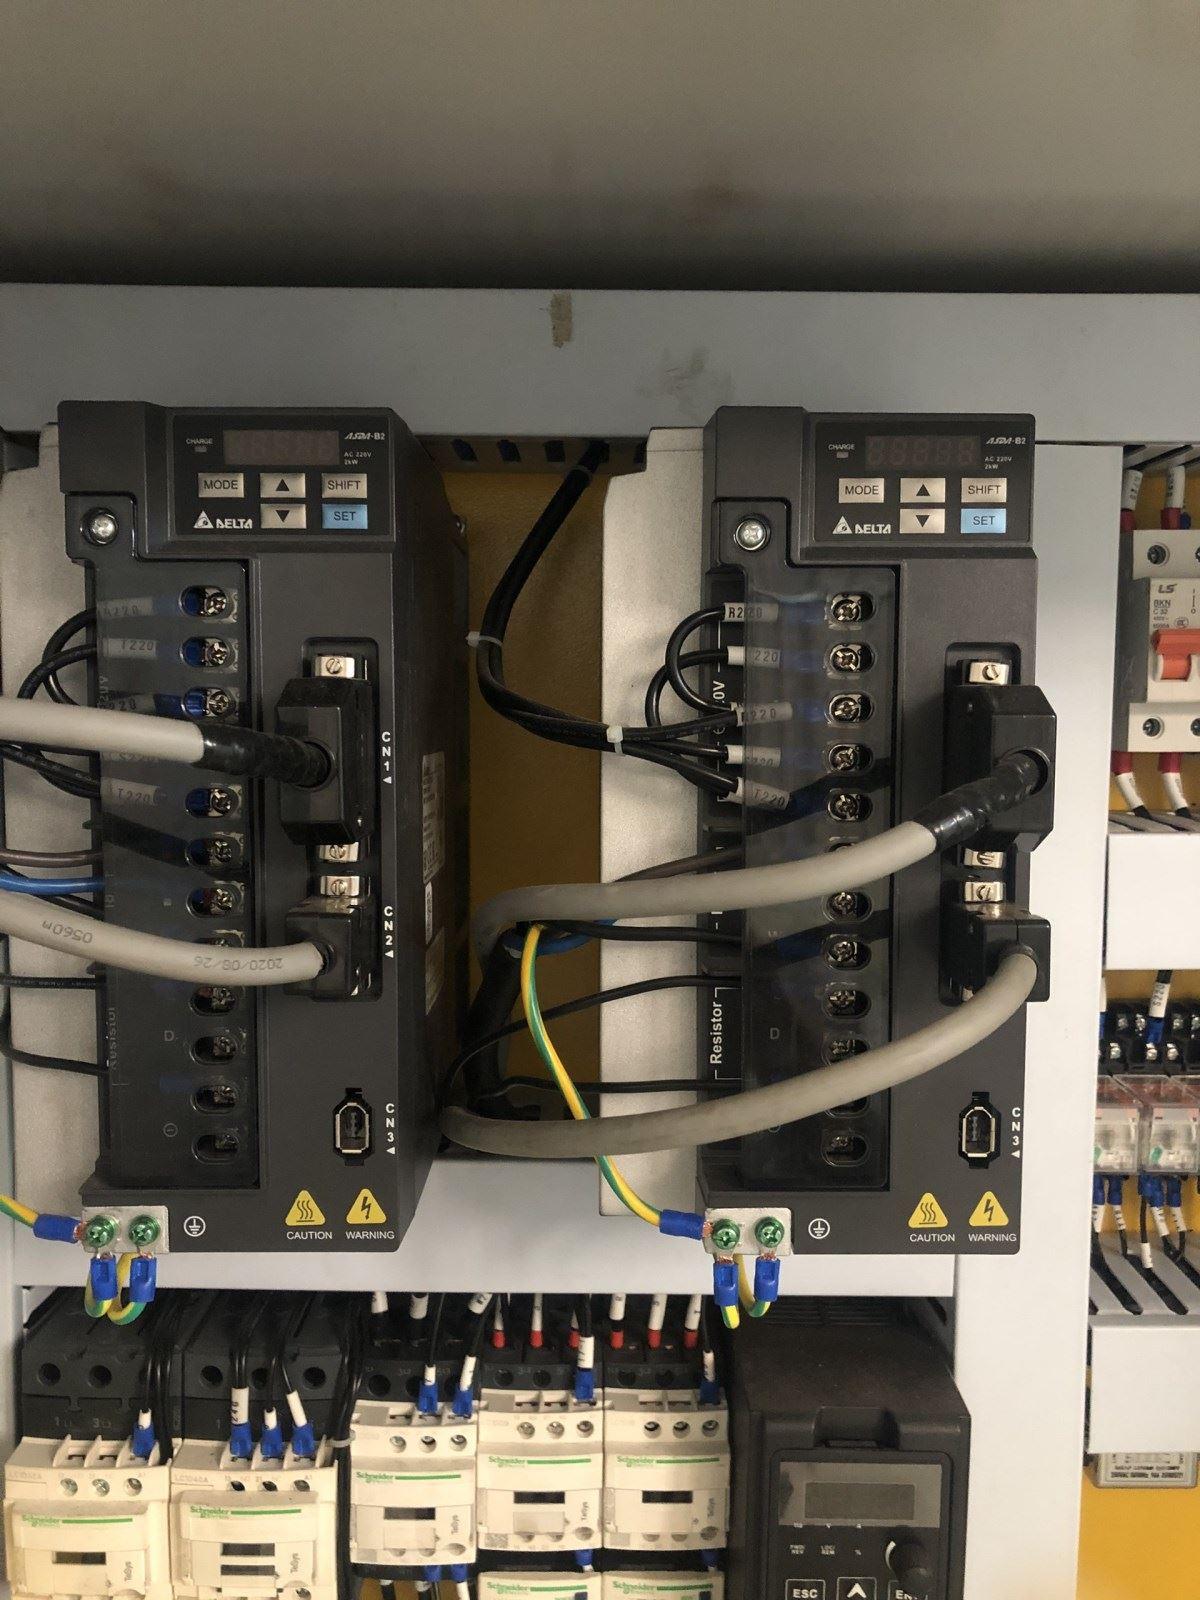 MÁY CƯA PANEL SAW CNC OPTIMIZE TECTRA 328 ( CÓ PHẦN MỀM CẮT TỐI ƯU ) 602